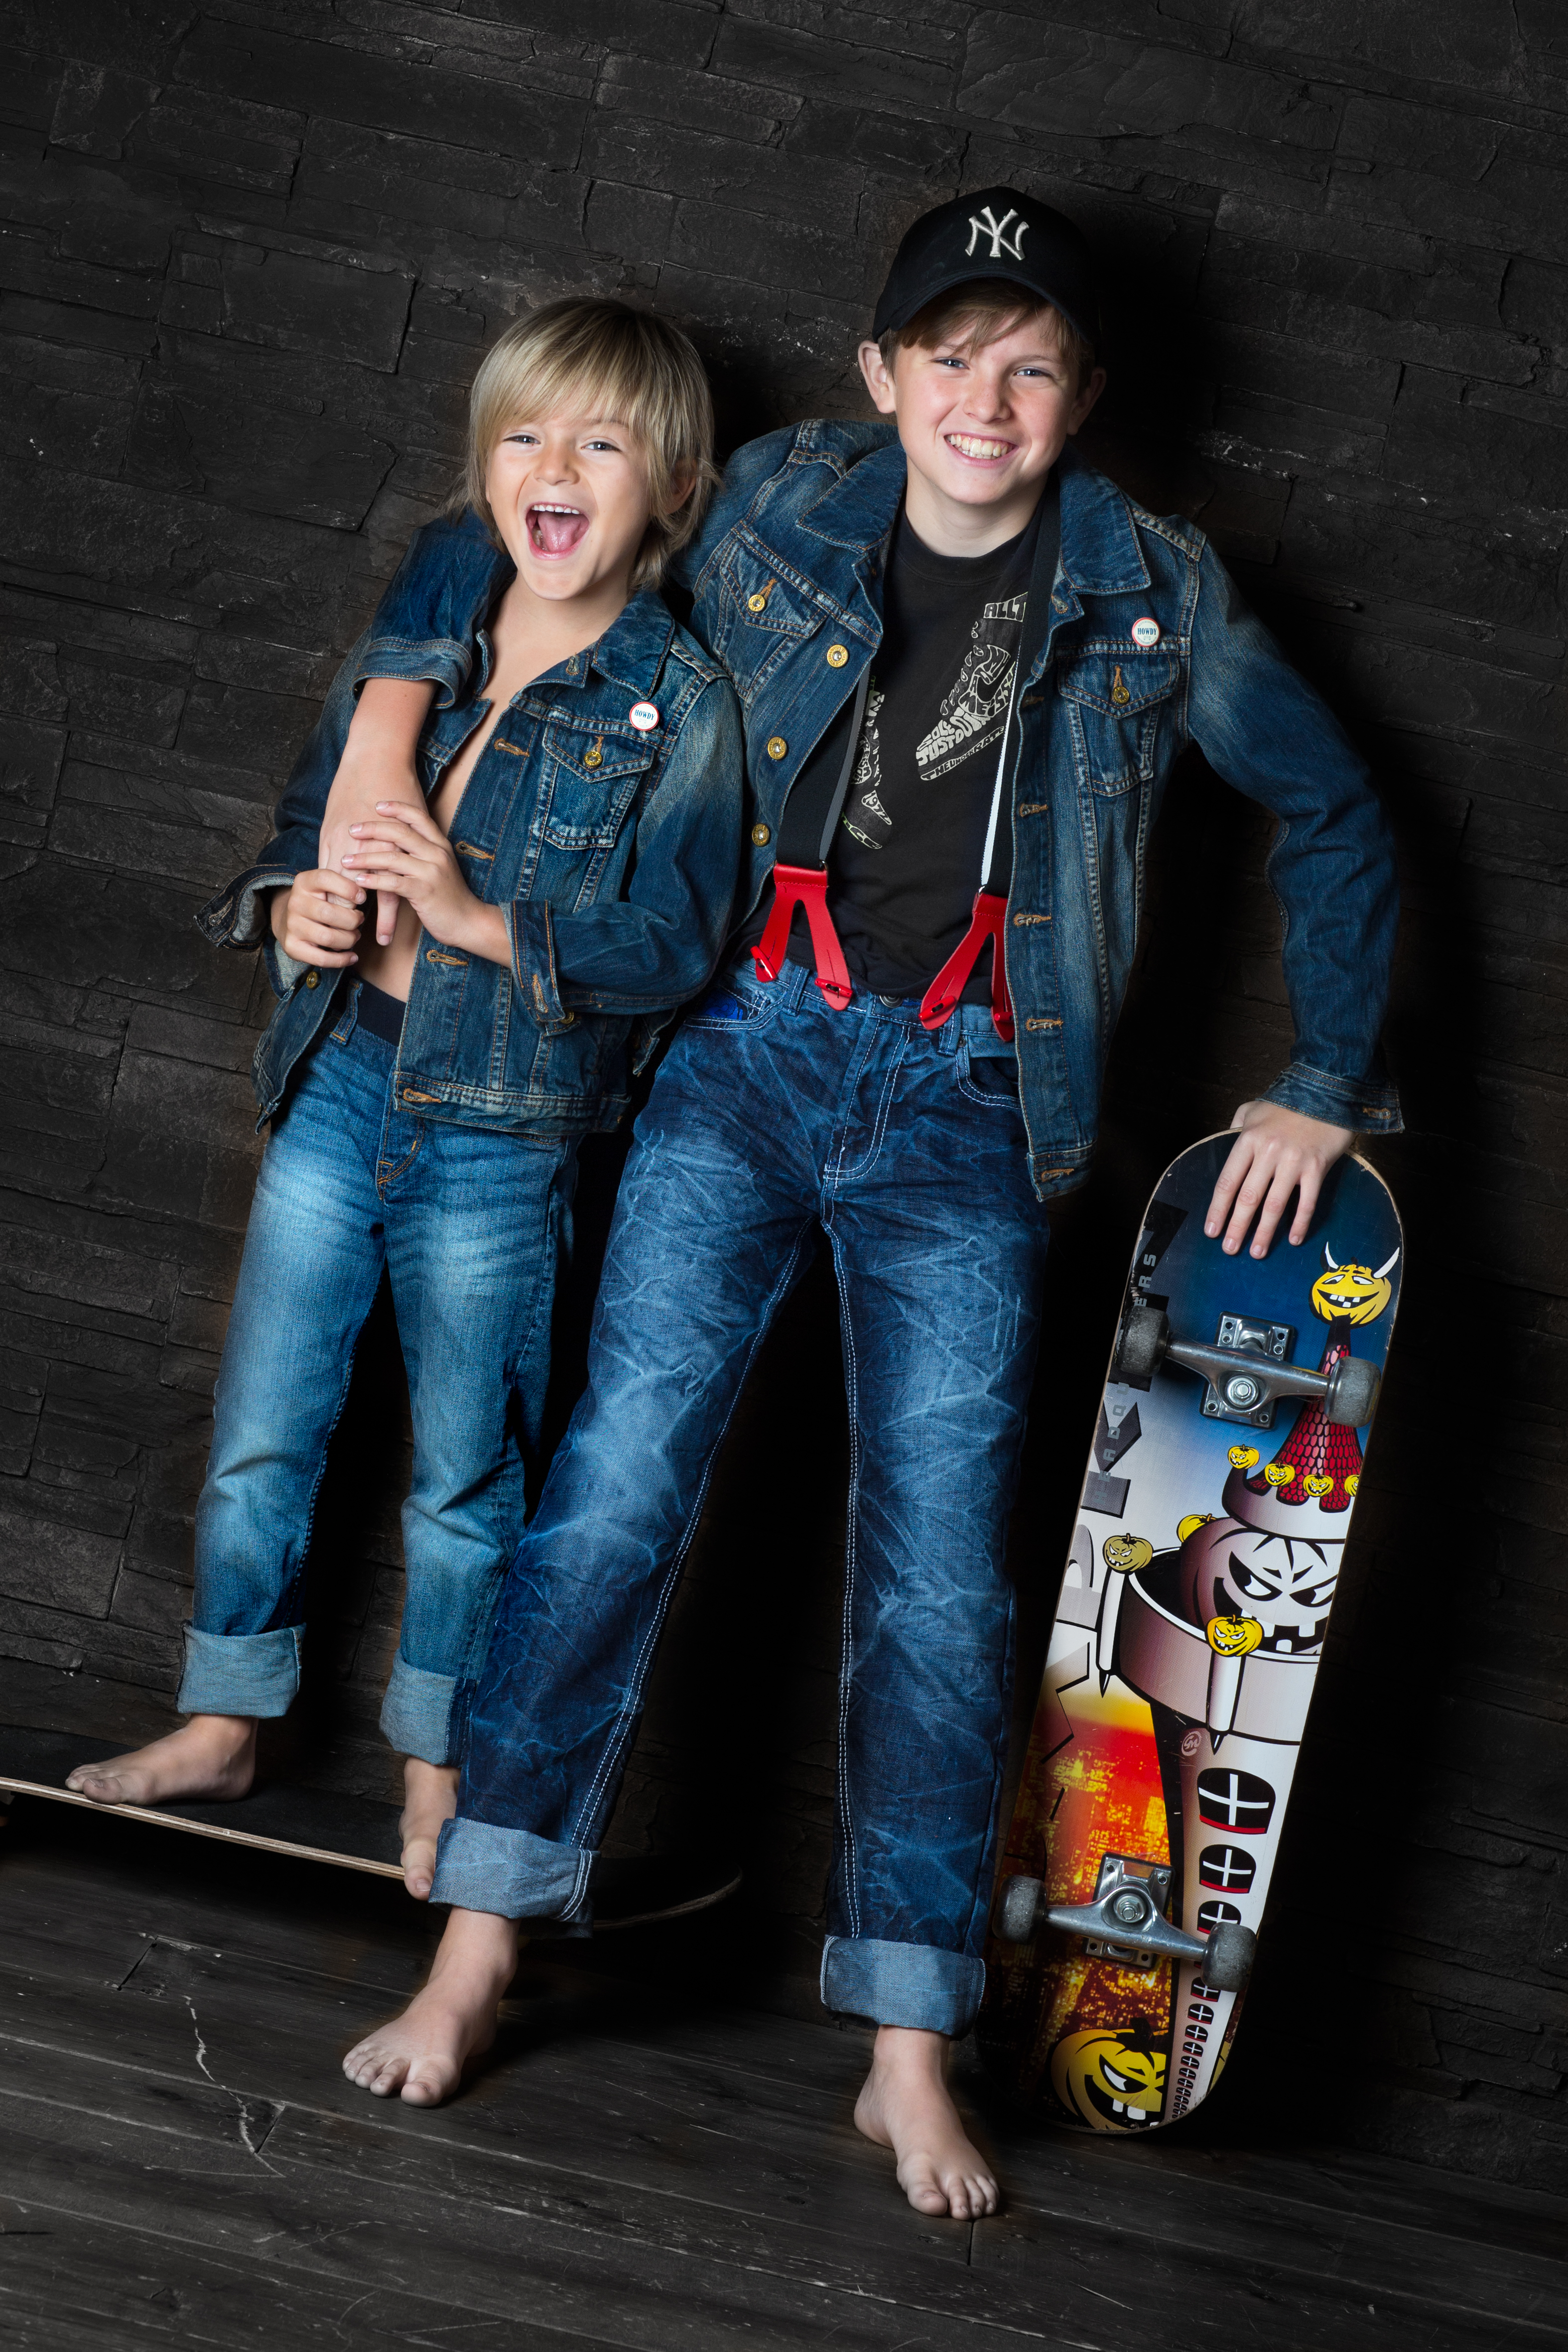 Jungen in Jeans